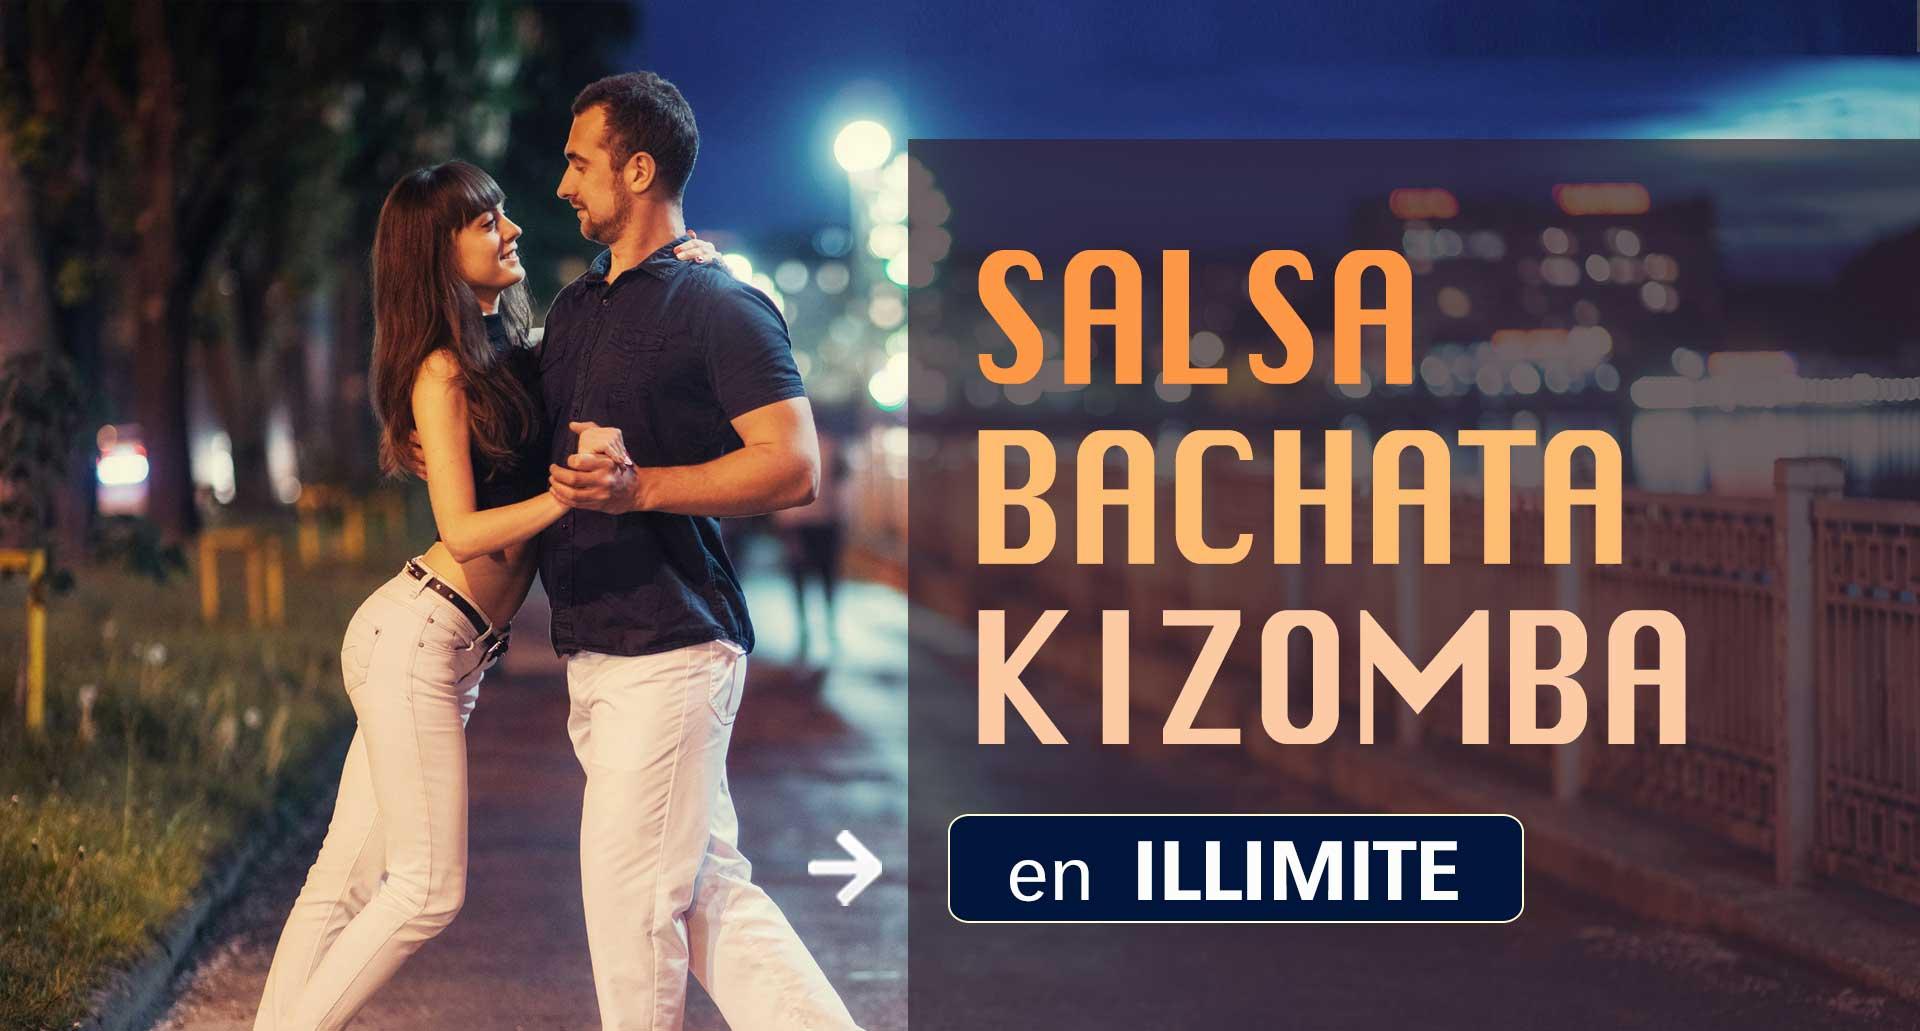 Cours de Salsa, Bachata, Rock, Kizomba, école de danse Montpellier pas cher